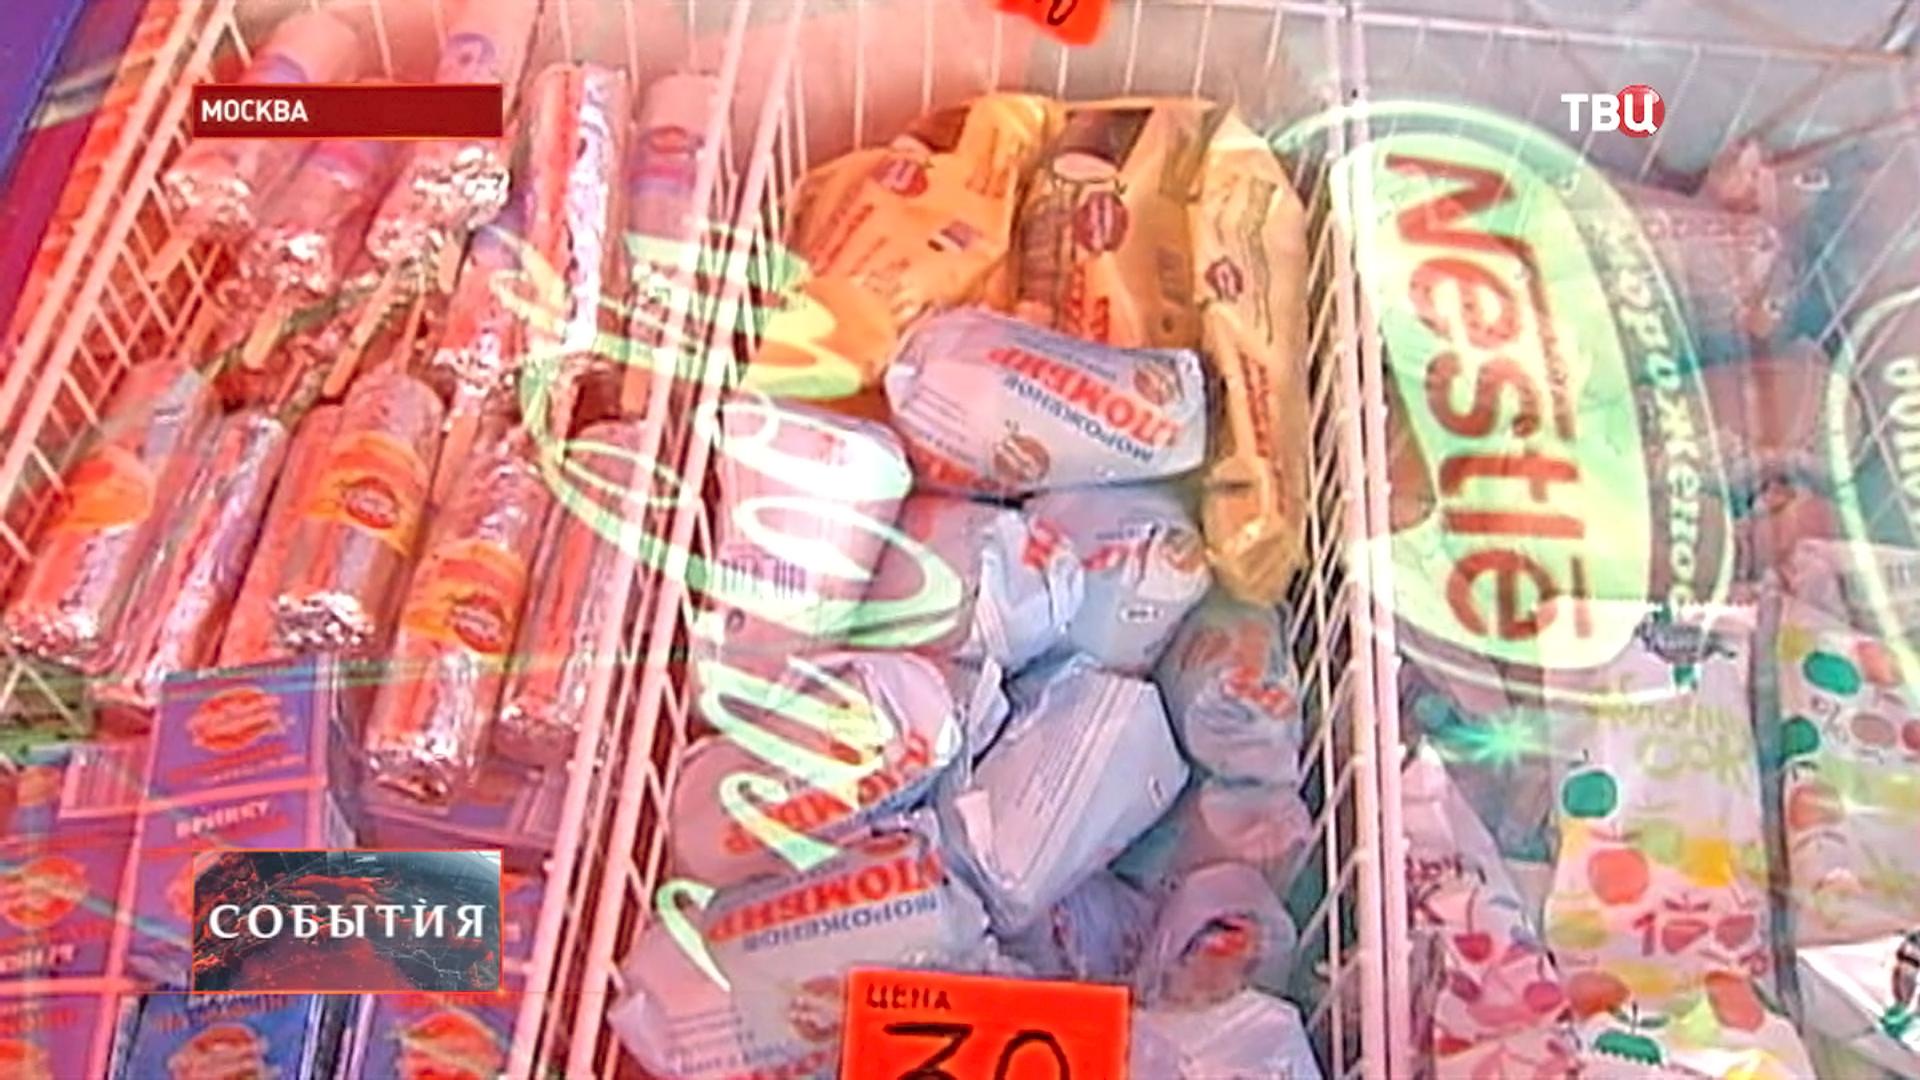 Лавка с мороженым